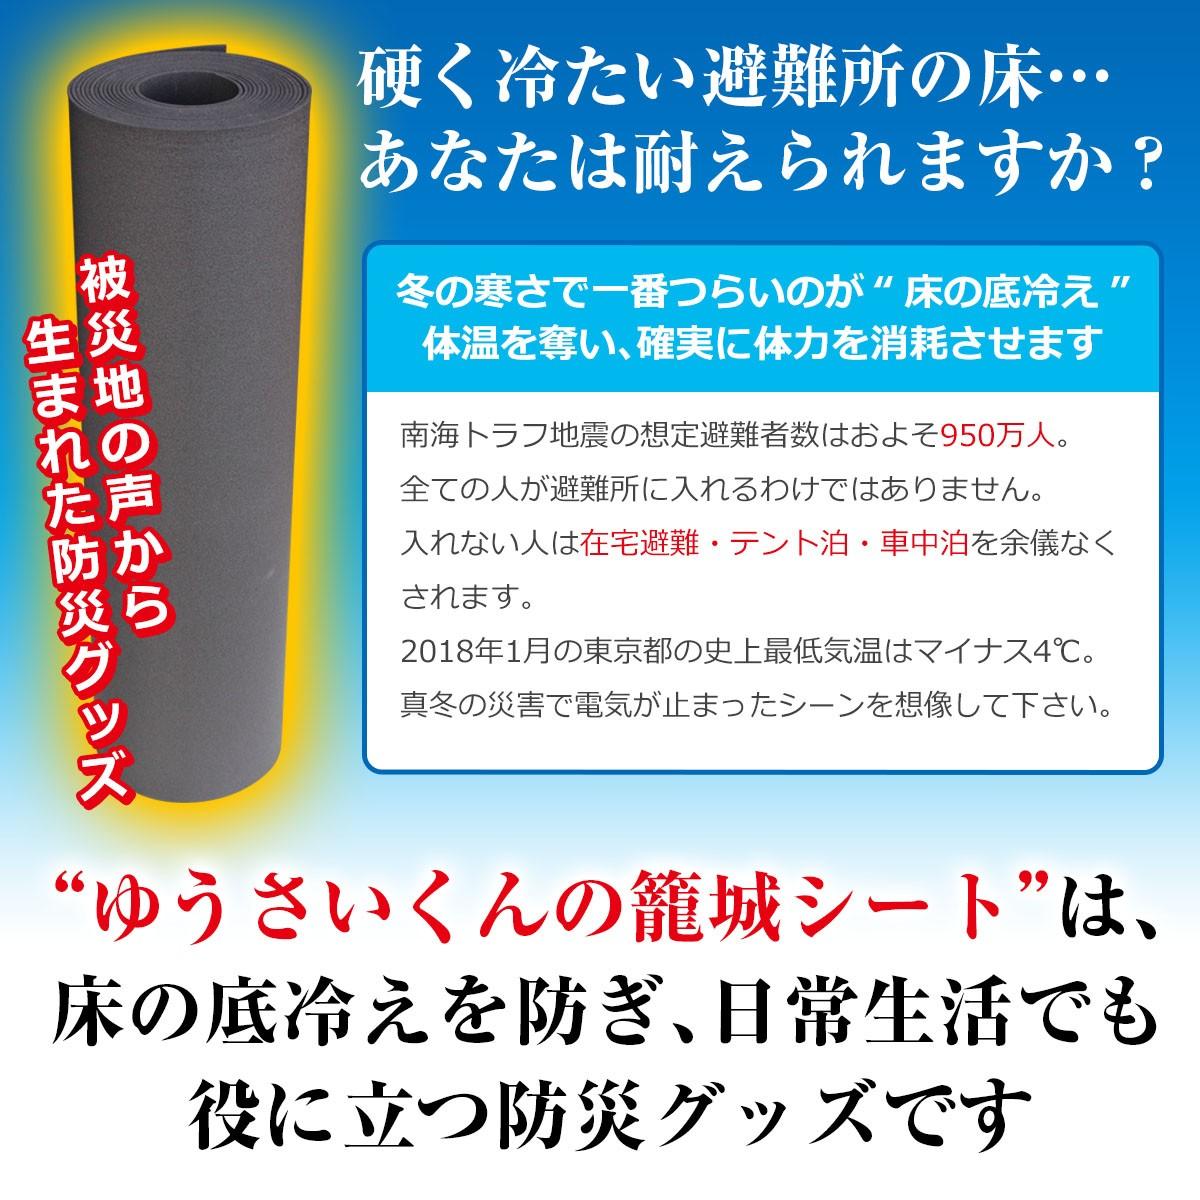 硬く冷たい避難所の床…あなたは耐えられますか?冬の寒さで一番つらいのが床の底冷え 体温を奪い、確実に体力を消耗させます 南海トラフ地震の想定避難者数はおよそ950万人。全ての人が避難所に入れるわけではありません。入れない人は在宅避難・テント泊・車中泊を余儀なくされます。2018年1月の東京都の史上最低気温はマイナス4℃。真冬の災害で電気が止まったシーンを想像してください。ゆうさいくんの籠城シートは床の底冷えを防ぎ、日常生活でも役に立つ防災グッズです